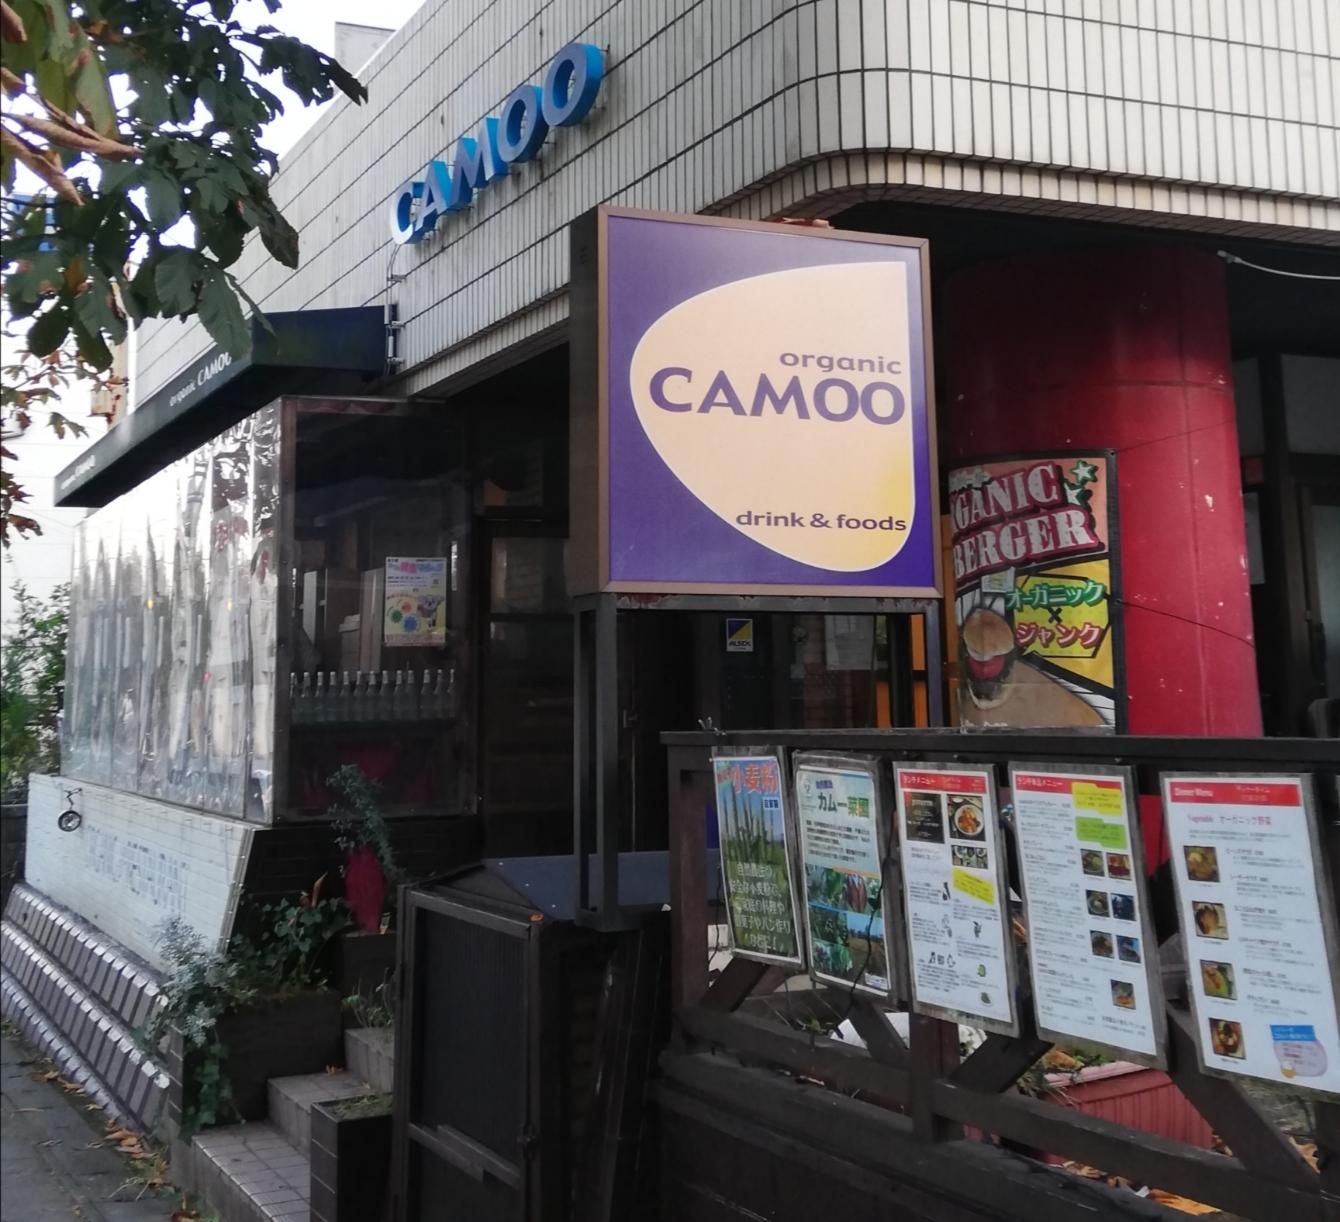 CAMOO松戸オーガニックカフェ八柱日暮レストラン